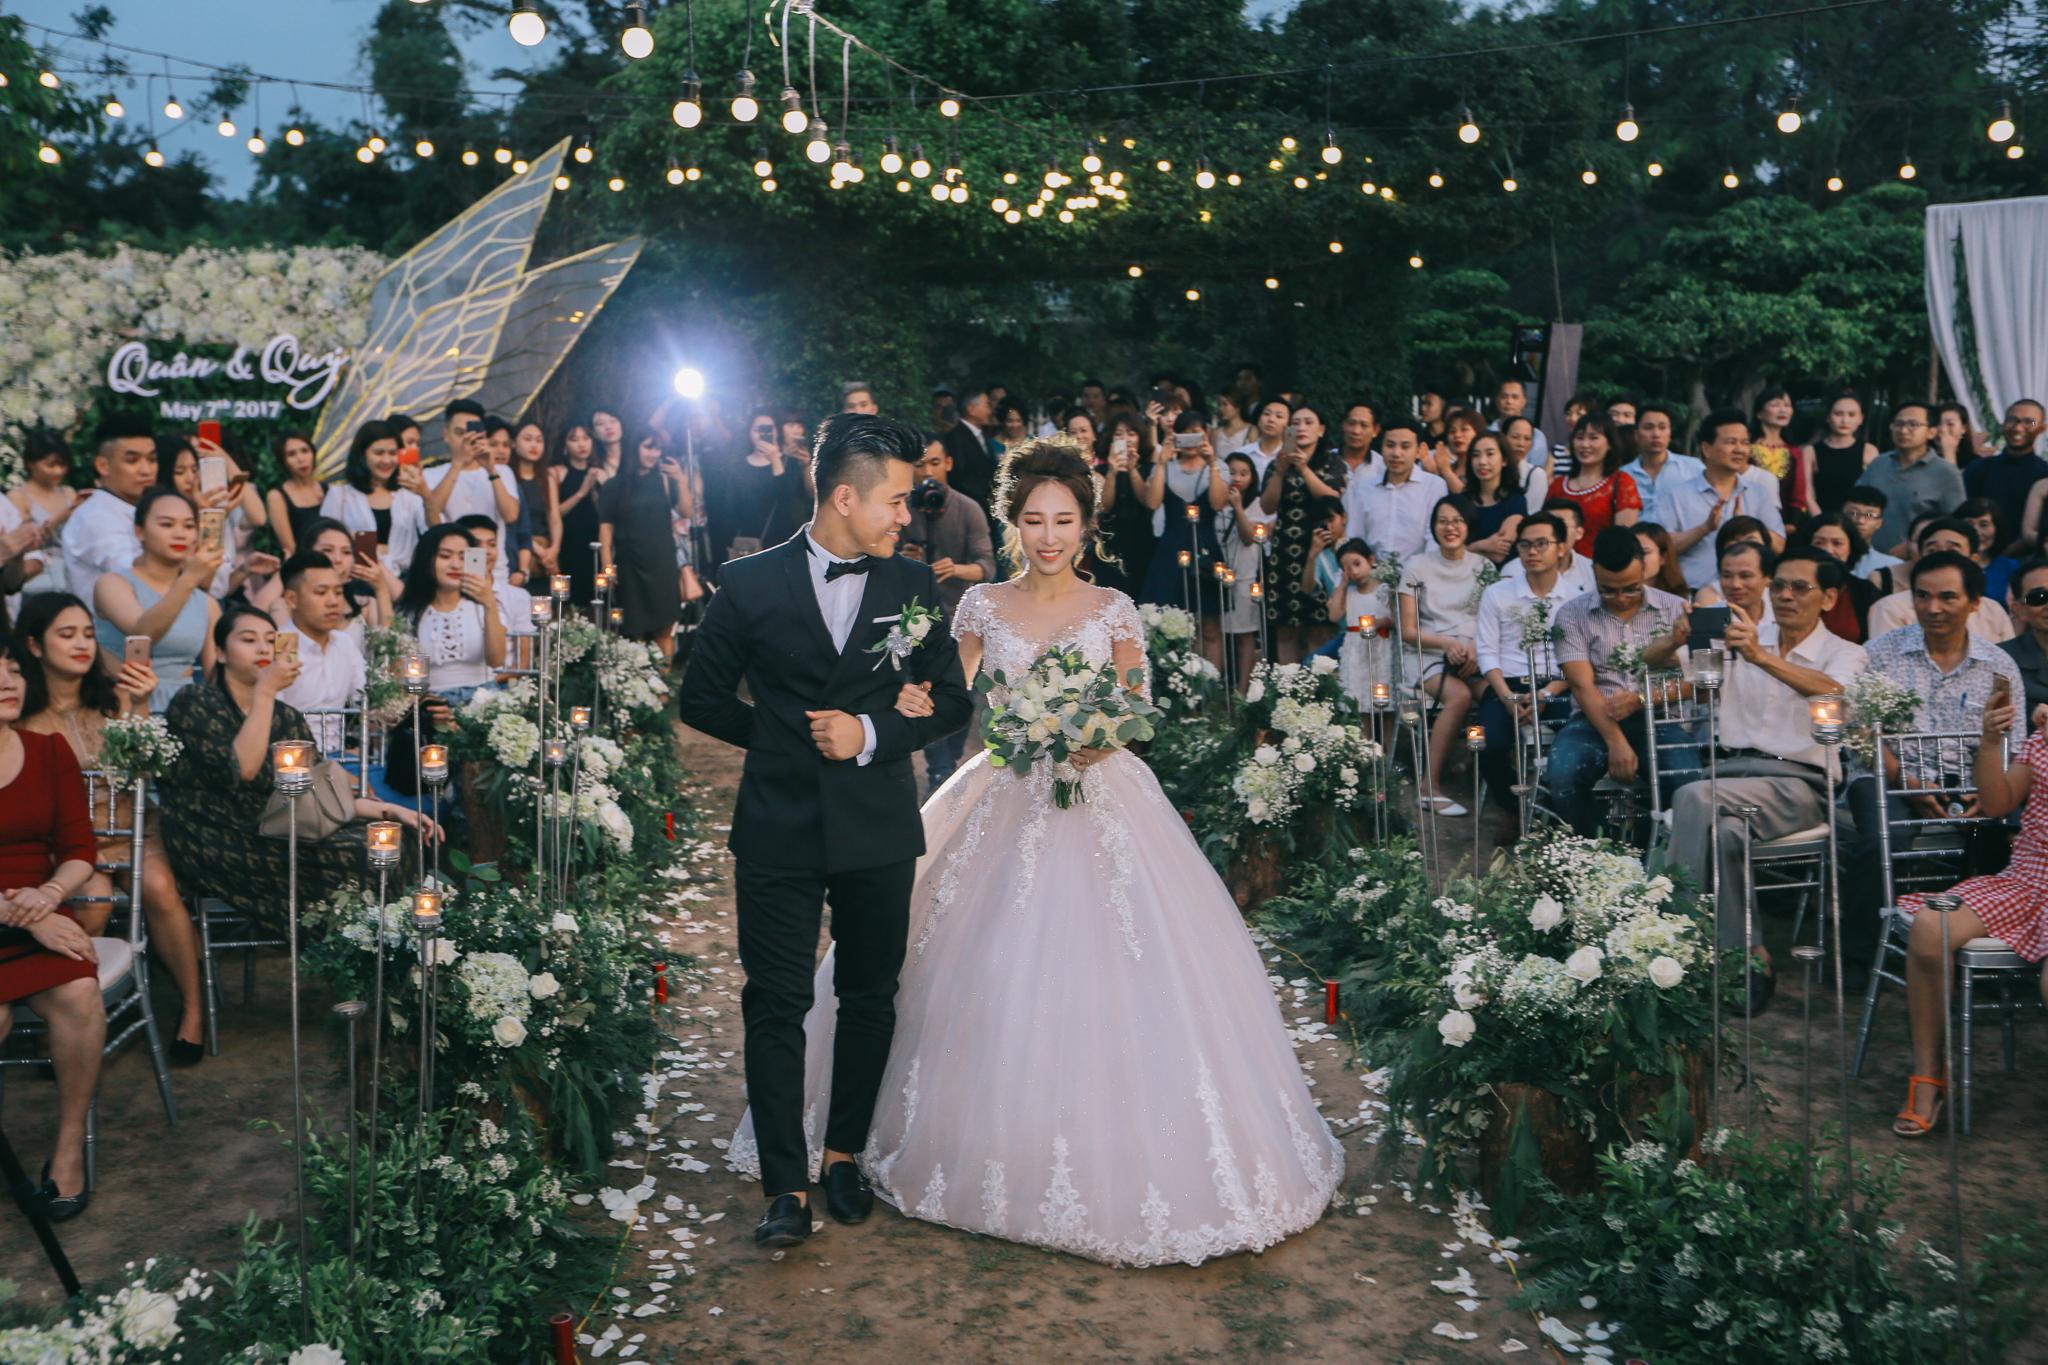 """Đám cưới """"chất miễn bàn"""": Mỗi khách mời đến đều được """"xăm"""" lên tay"""